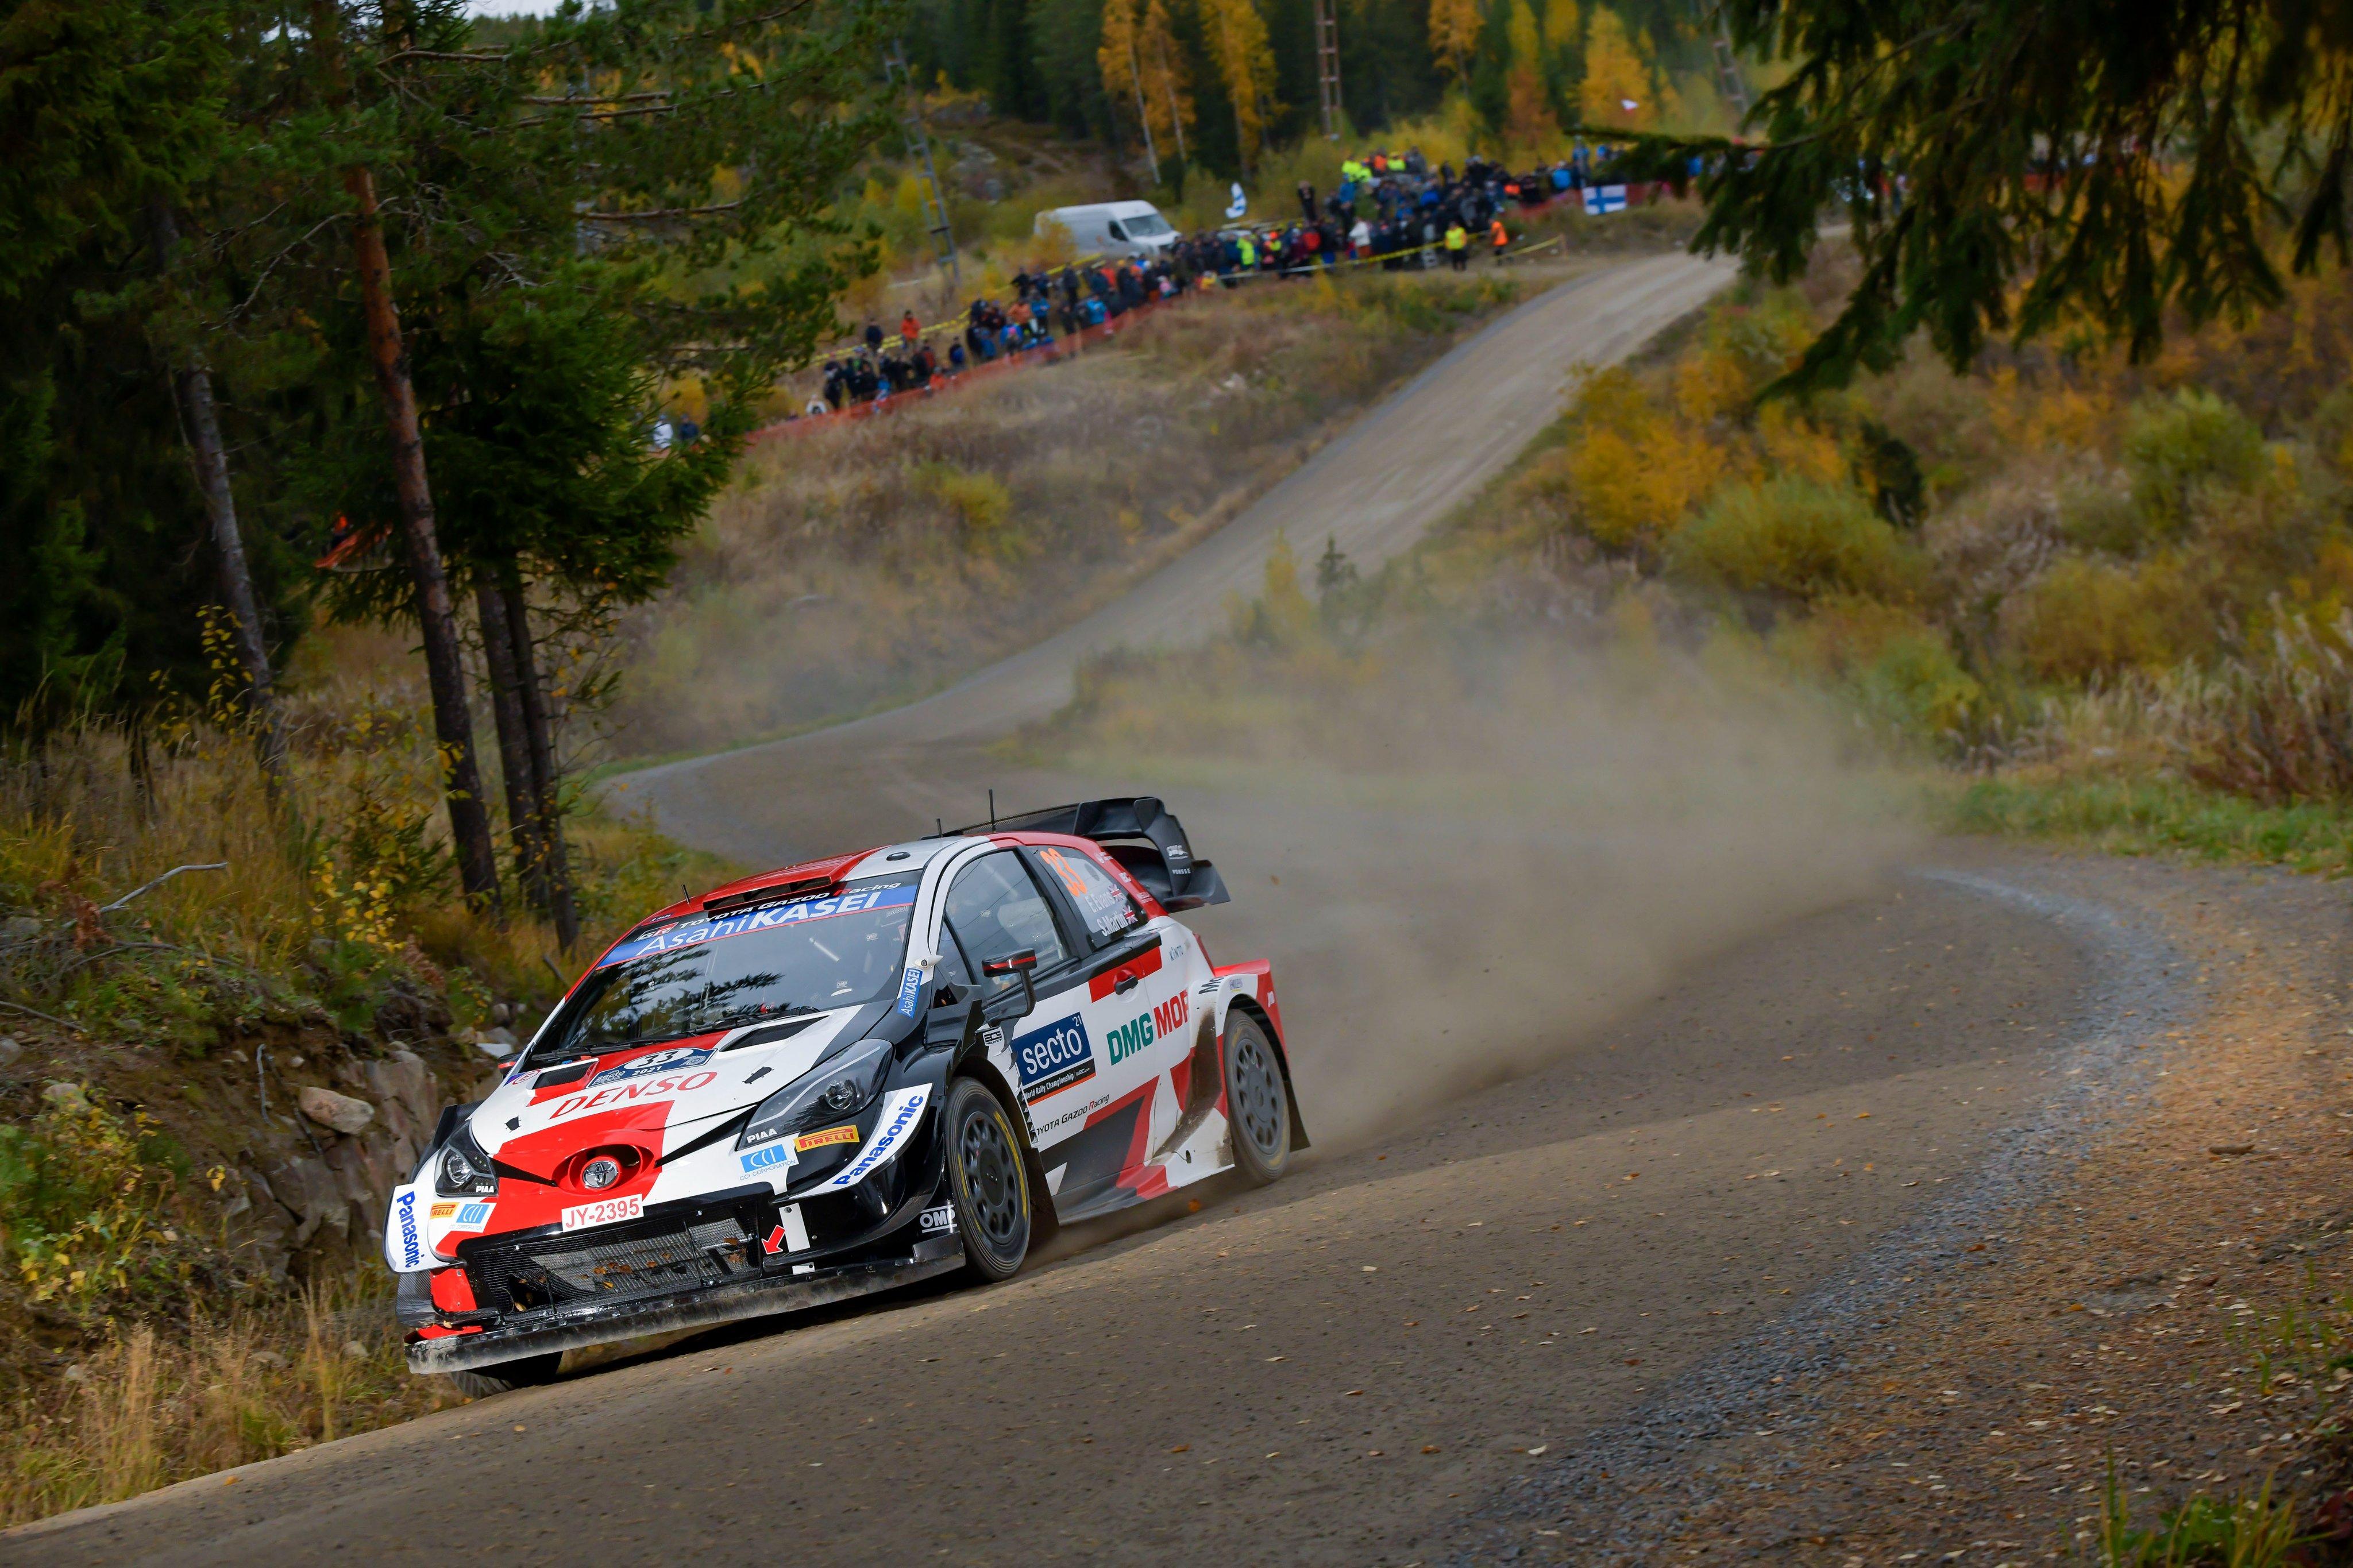 WRC: 70º SECTO Rally Finland [1-3 Octubre] - Página 3 FAtANpiX0AERQhX?format=jpg&name=4096x4096